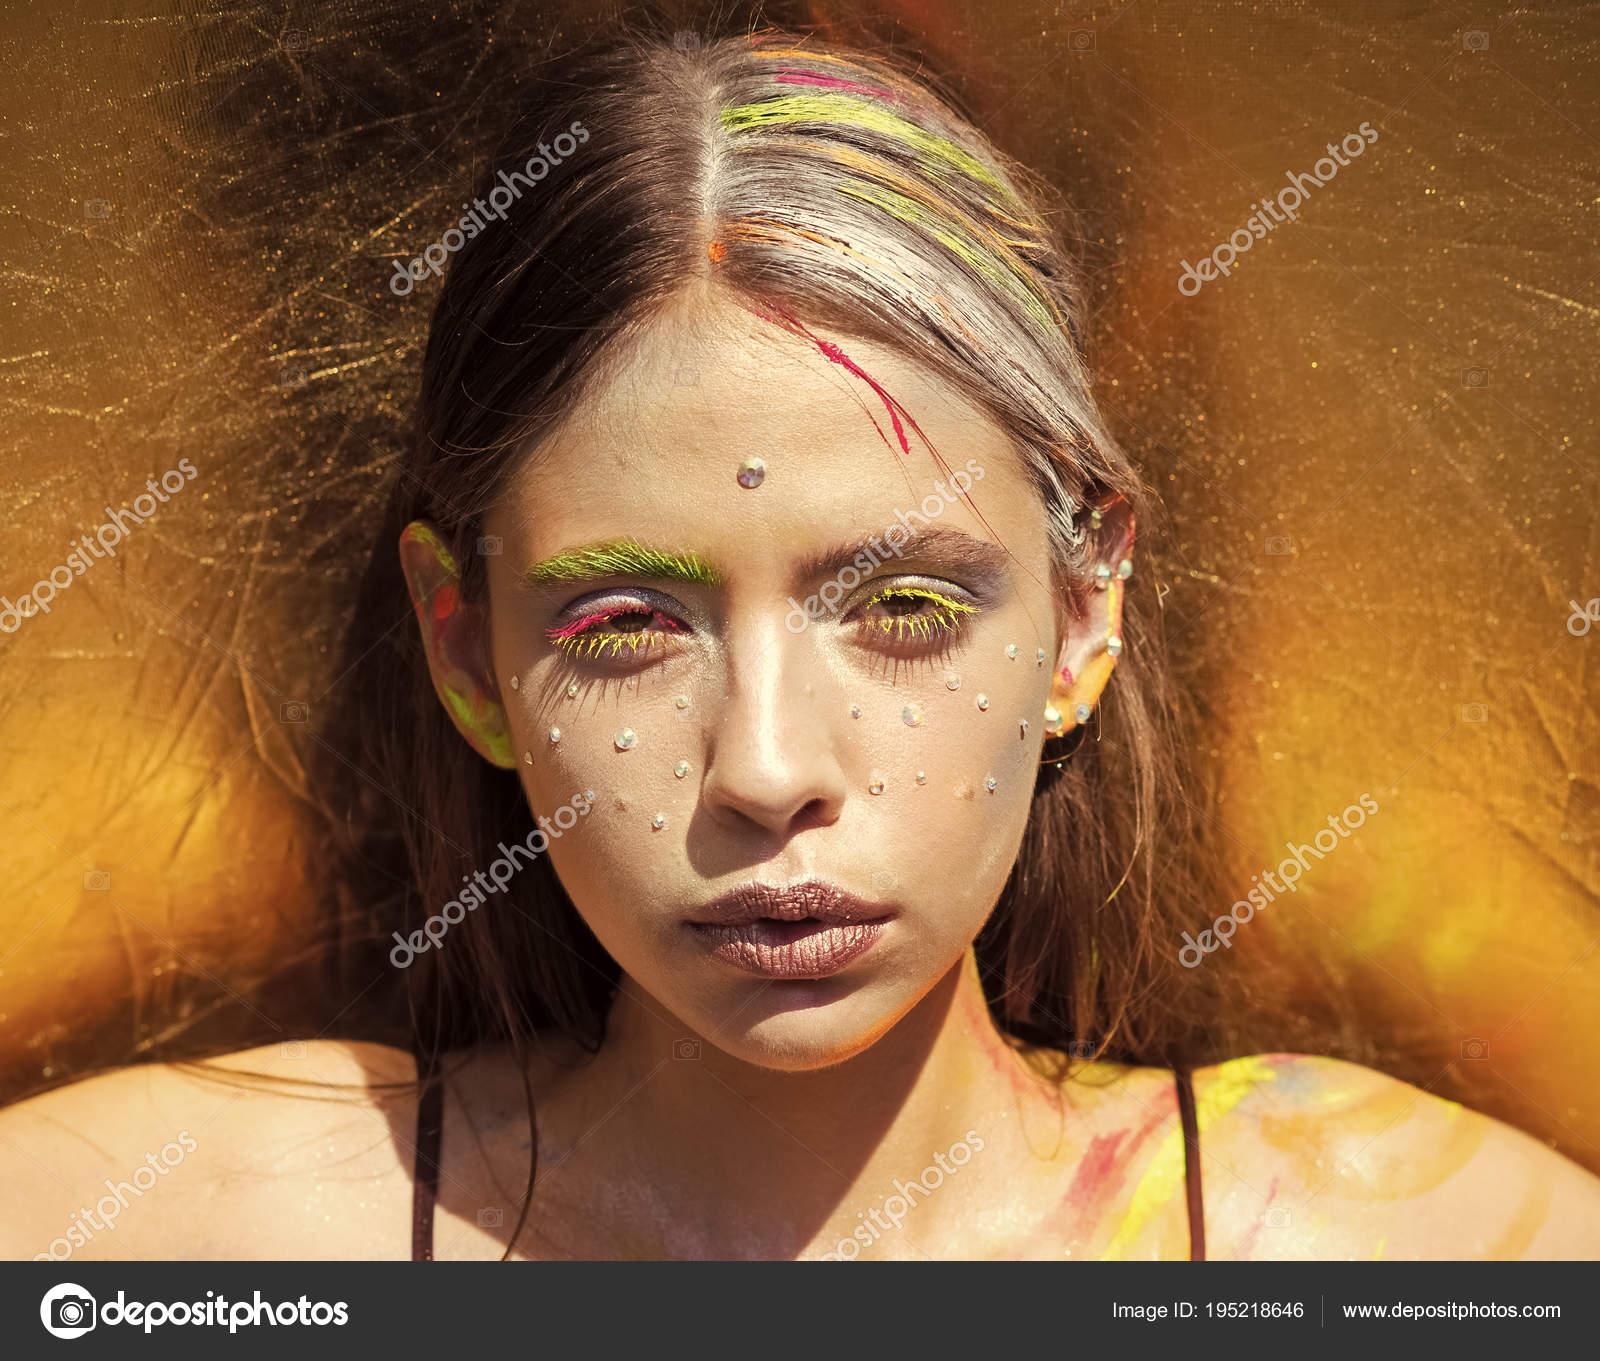 colorful neon paint makeup face